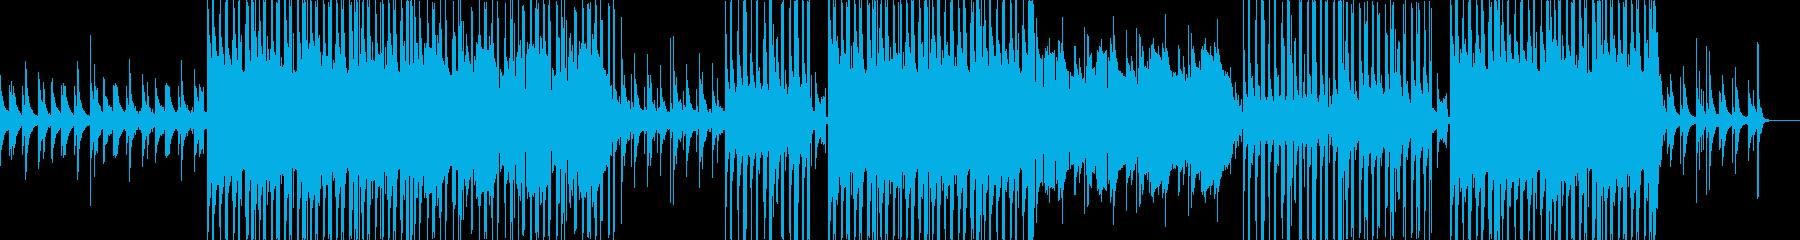 ゆっくり落ち着いたLofiヒップホップの再生済みの波形